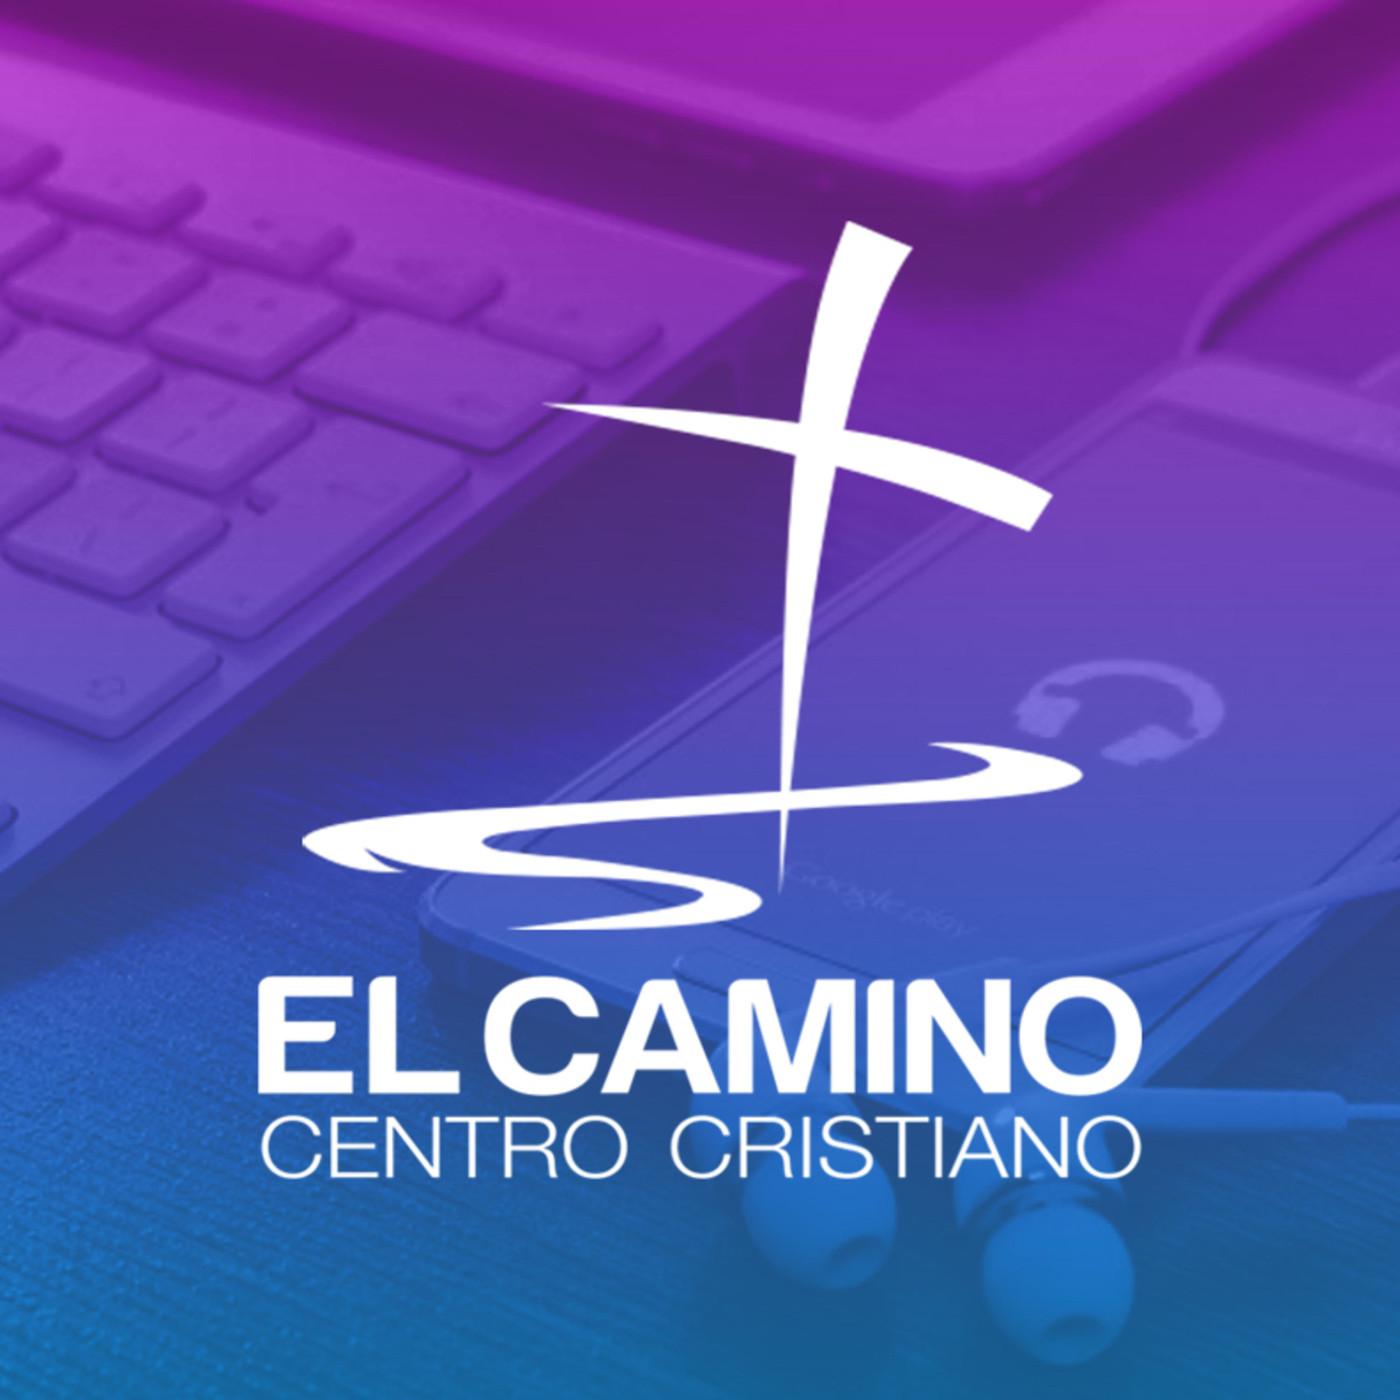 Centro Cristiano El Camino